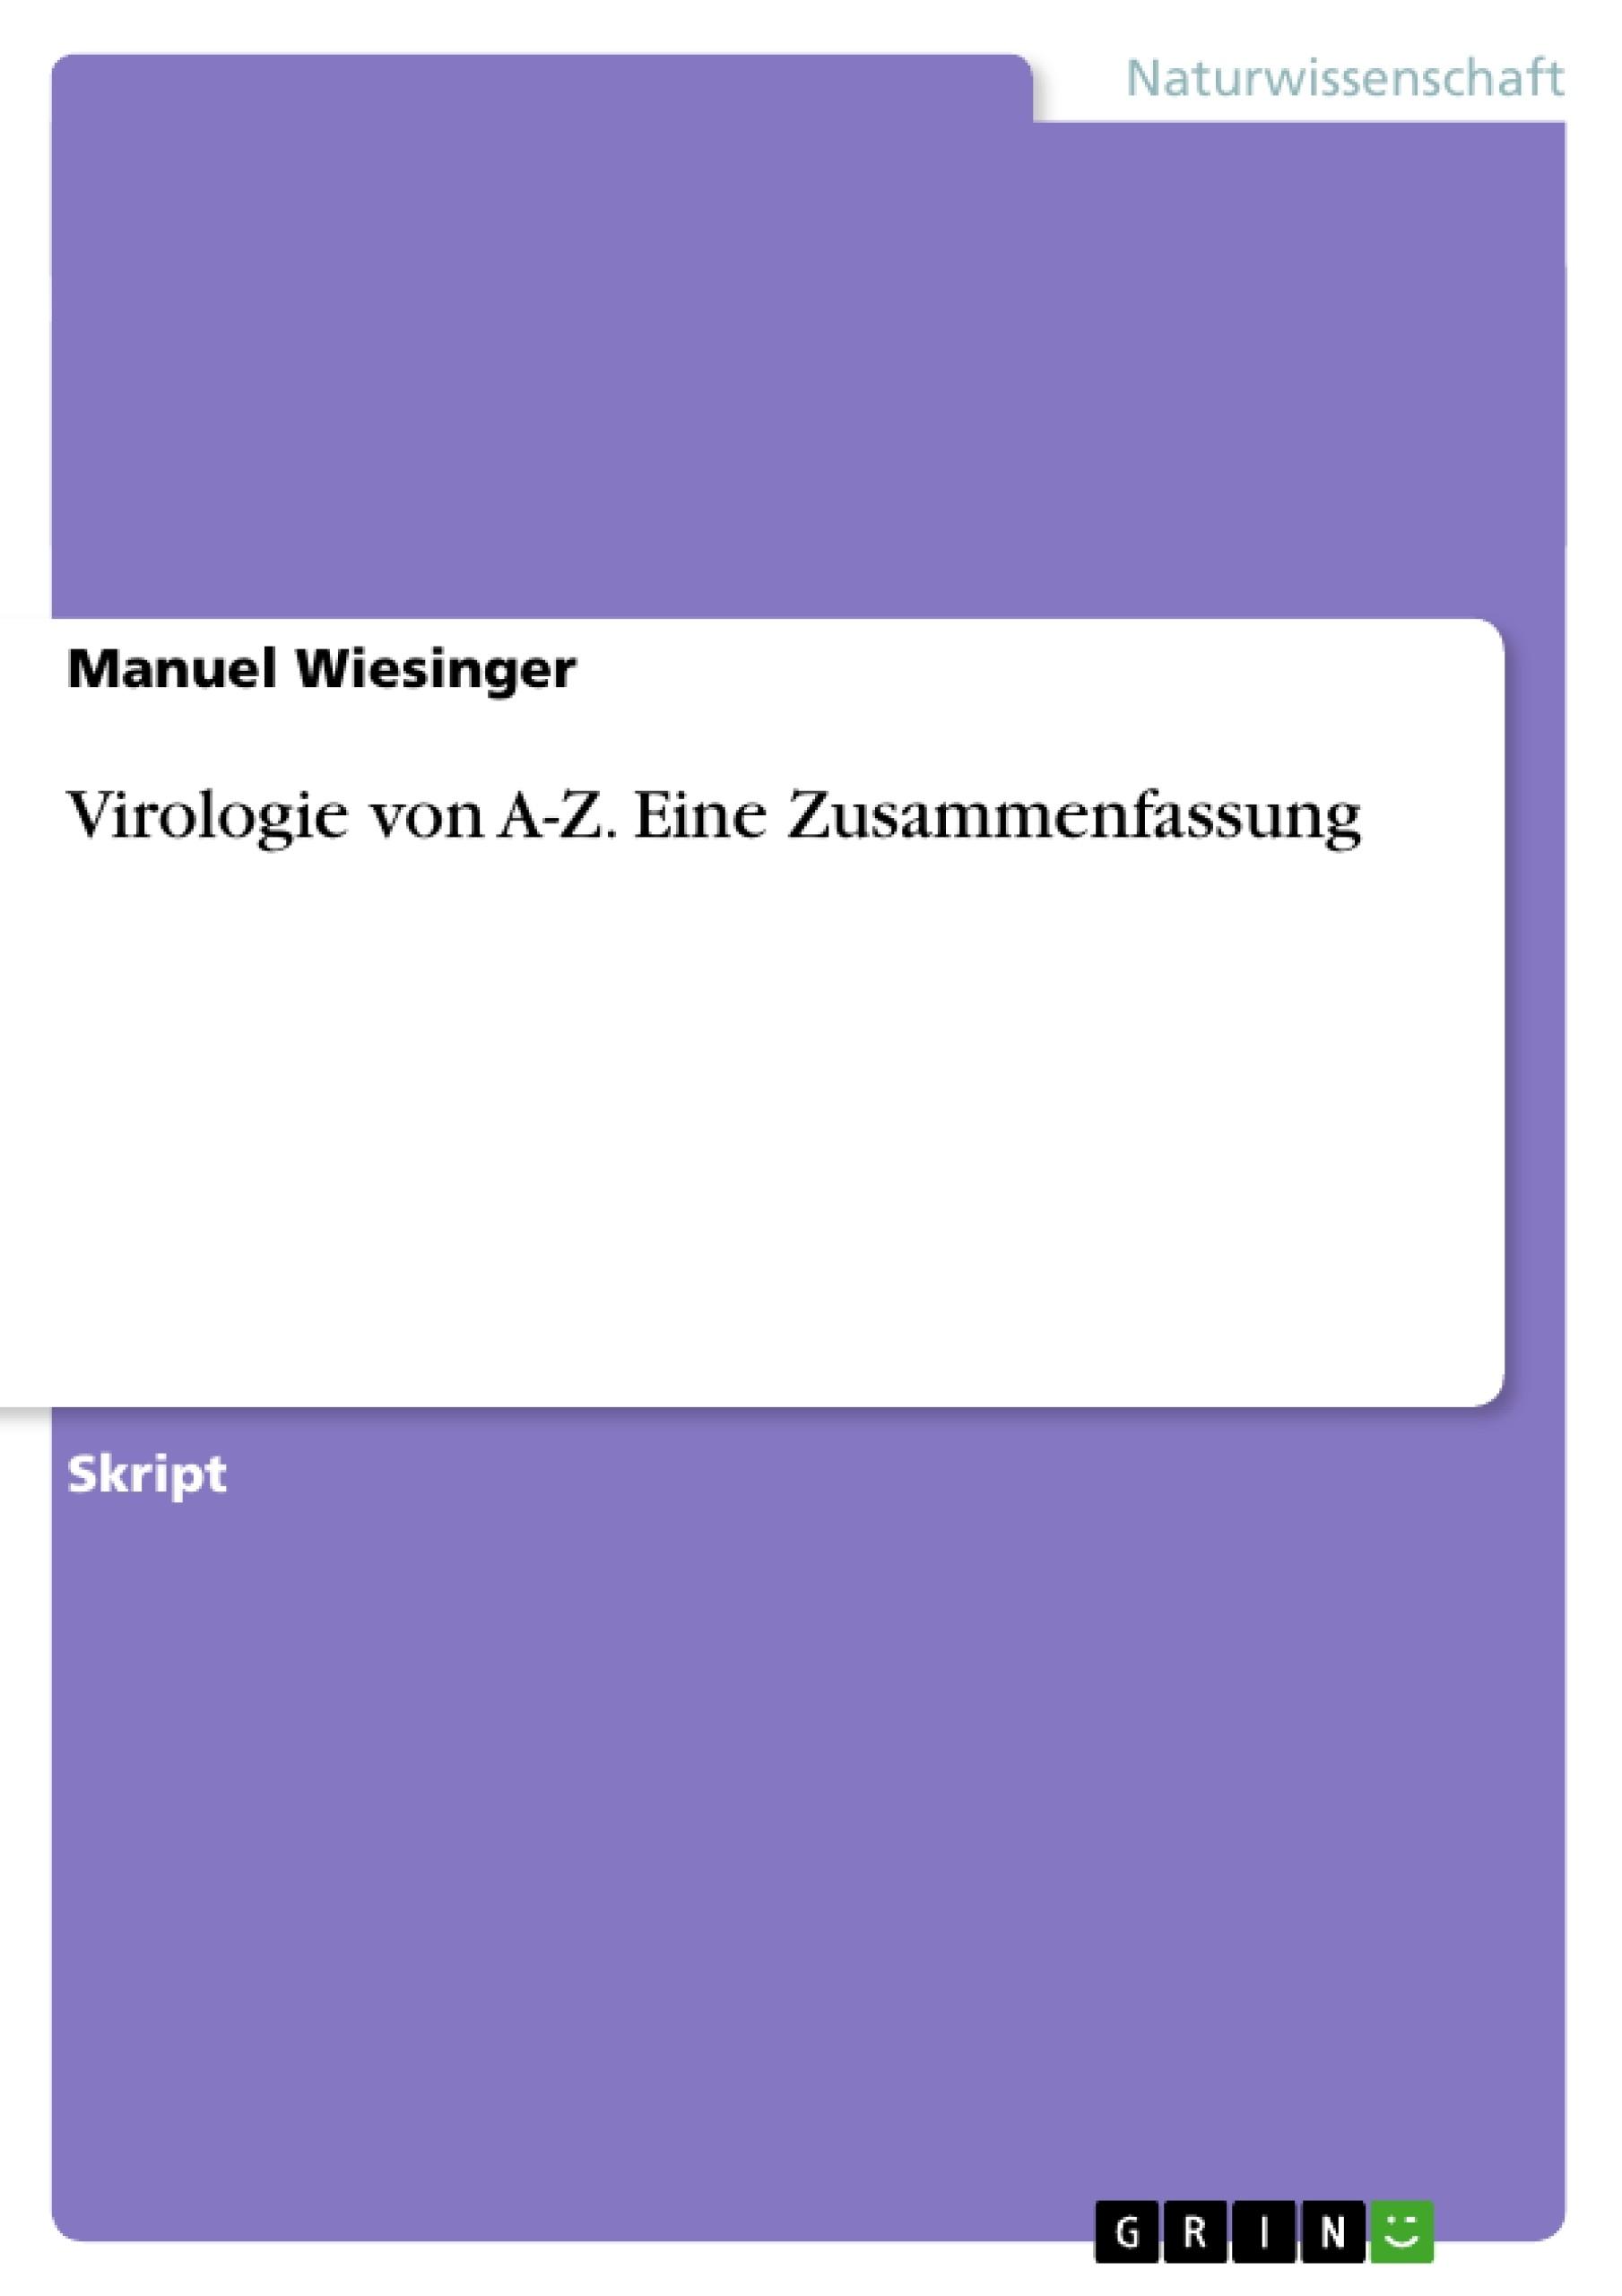 Titel: Virologie von A-Z. Eine Zusammenfassung